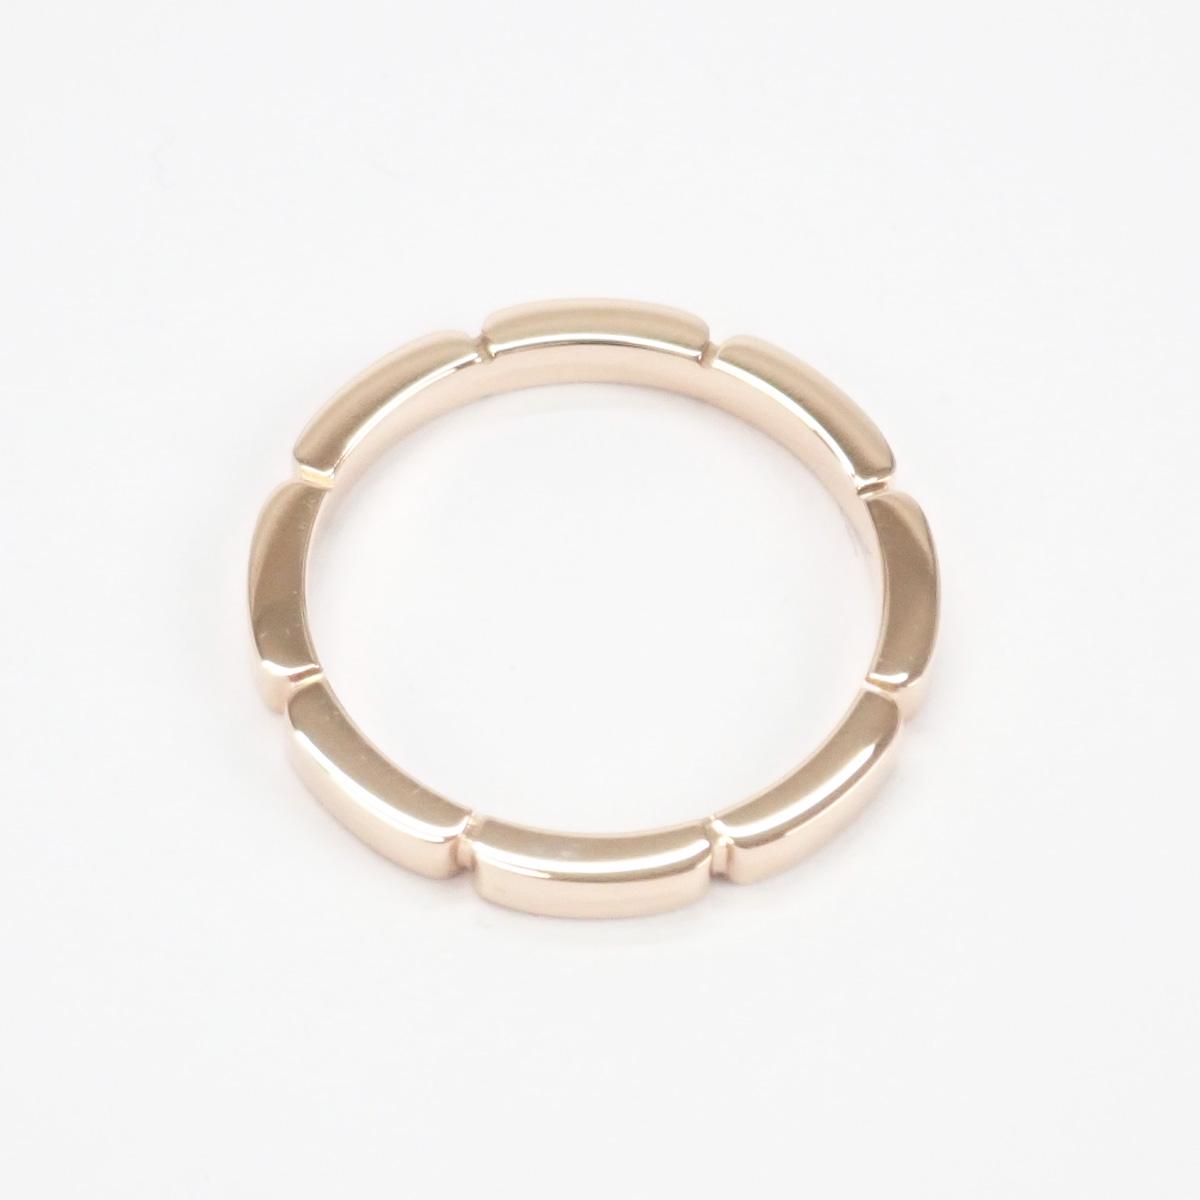 【辛口評価】【Aランク】Cartier カルティエ K18PG マイヨン パンテール ウェディング リング B4079800 #58 ゲージ棒約17.5号